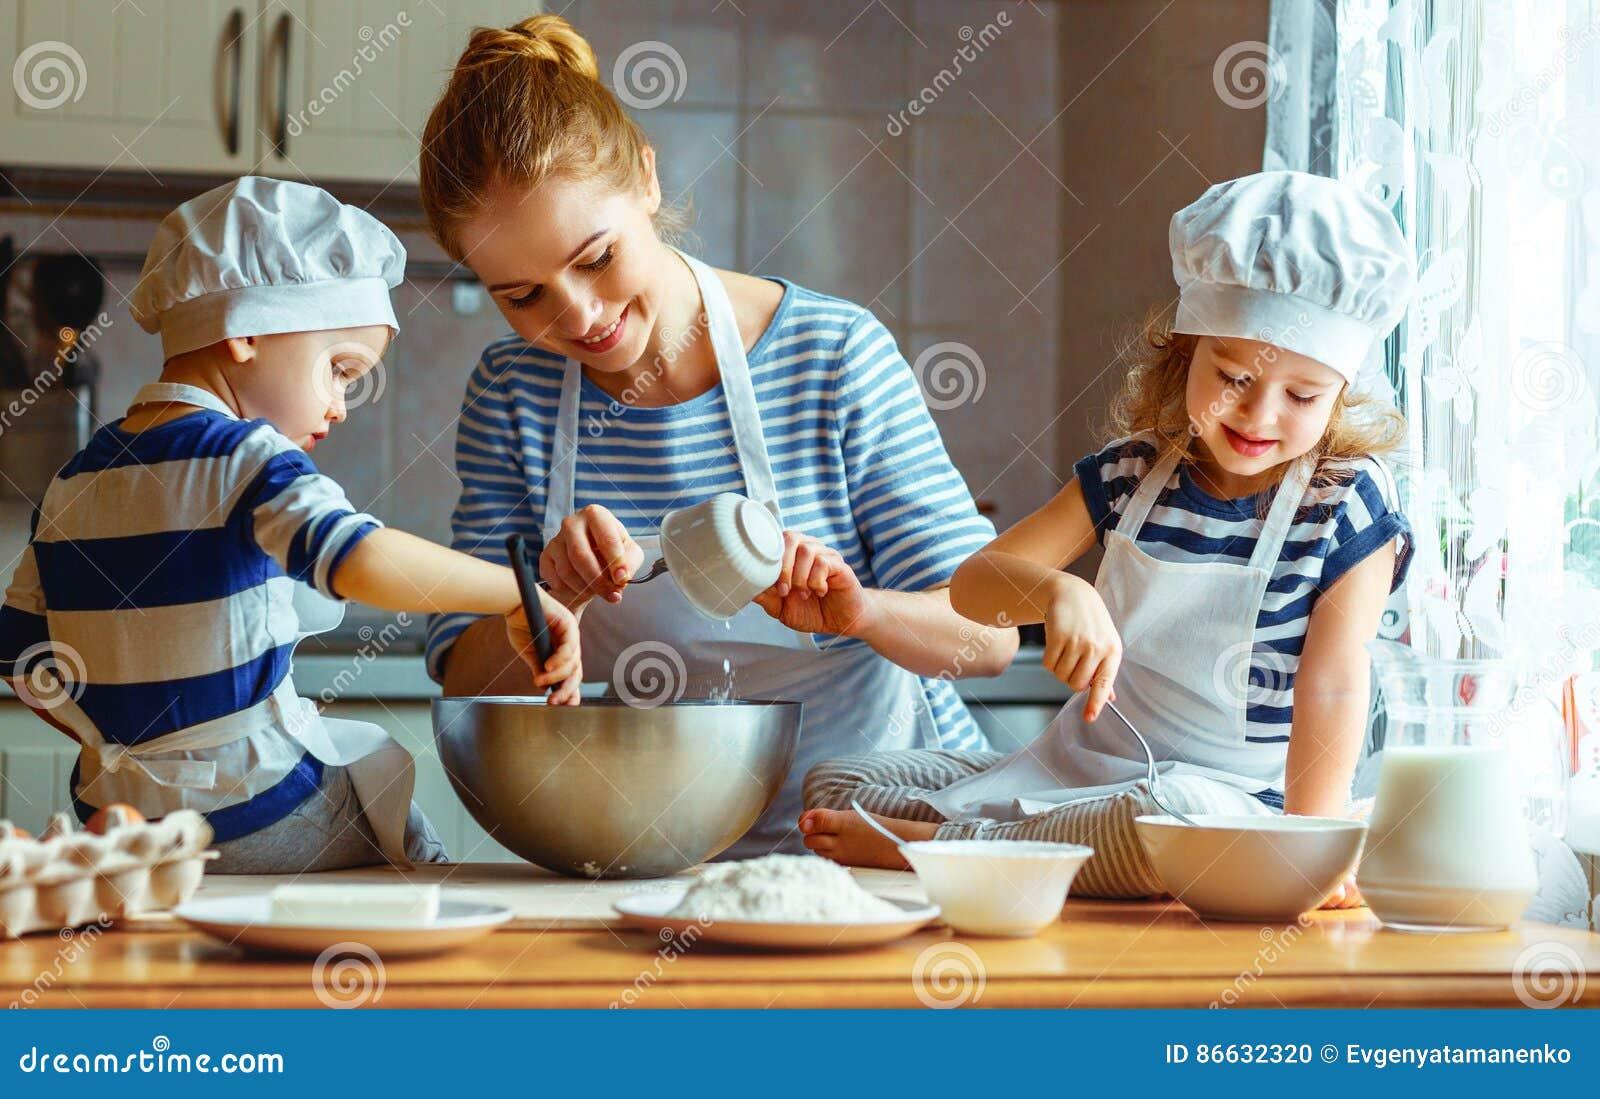 Família feliz na cozinha mãe e crianças que preparam a massa, vagabundos